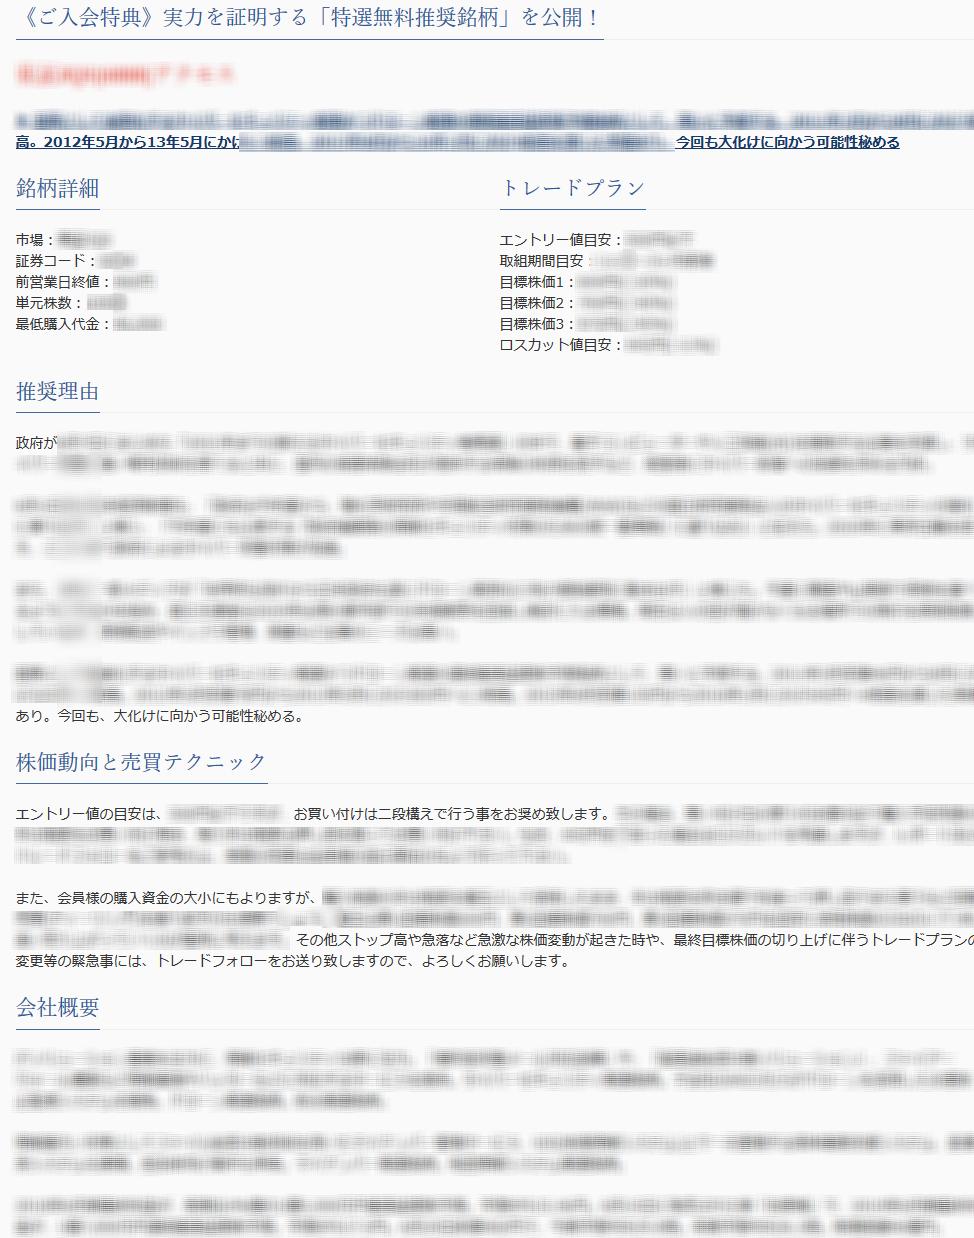 新生ジャパン投資顧問の口コミ検証 特選推奨銘柄